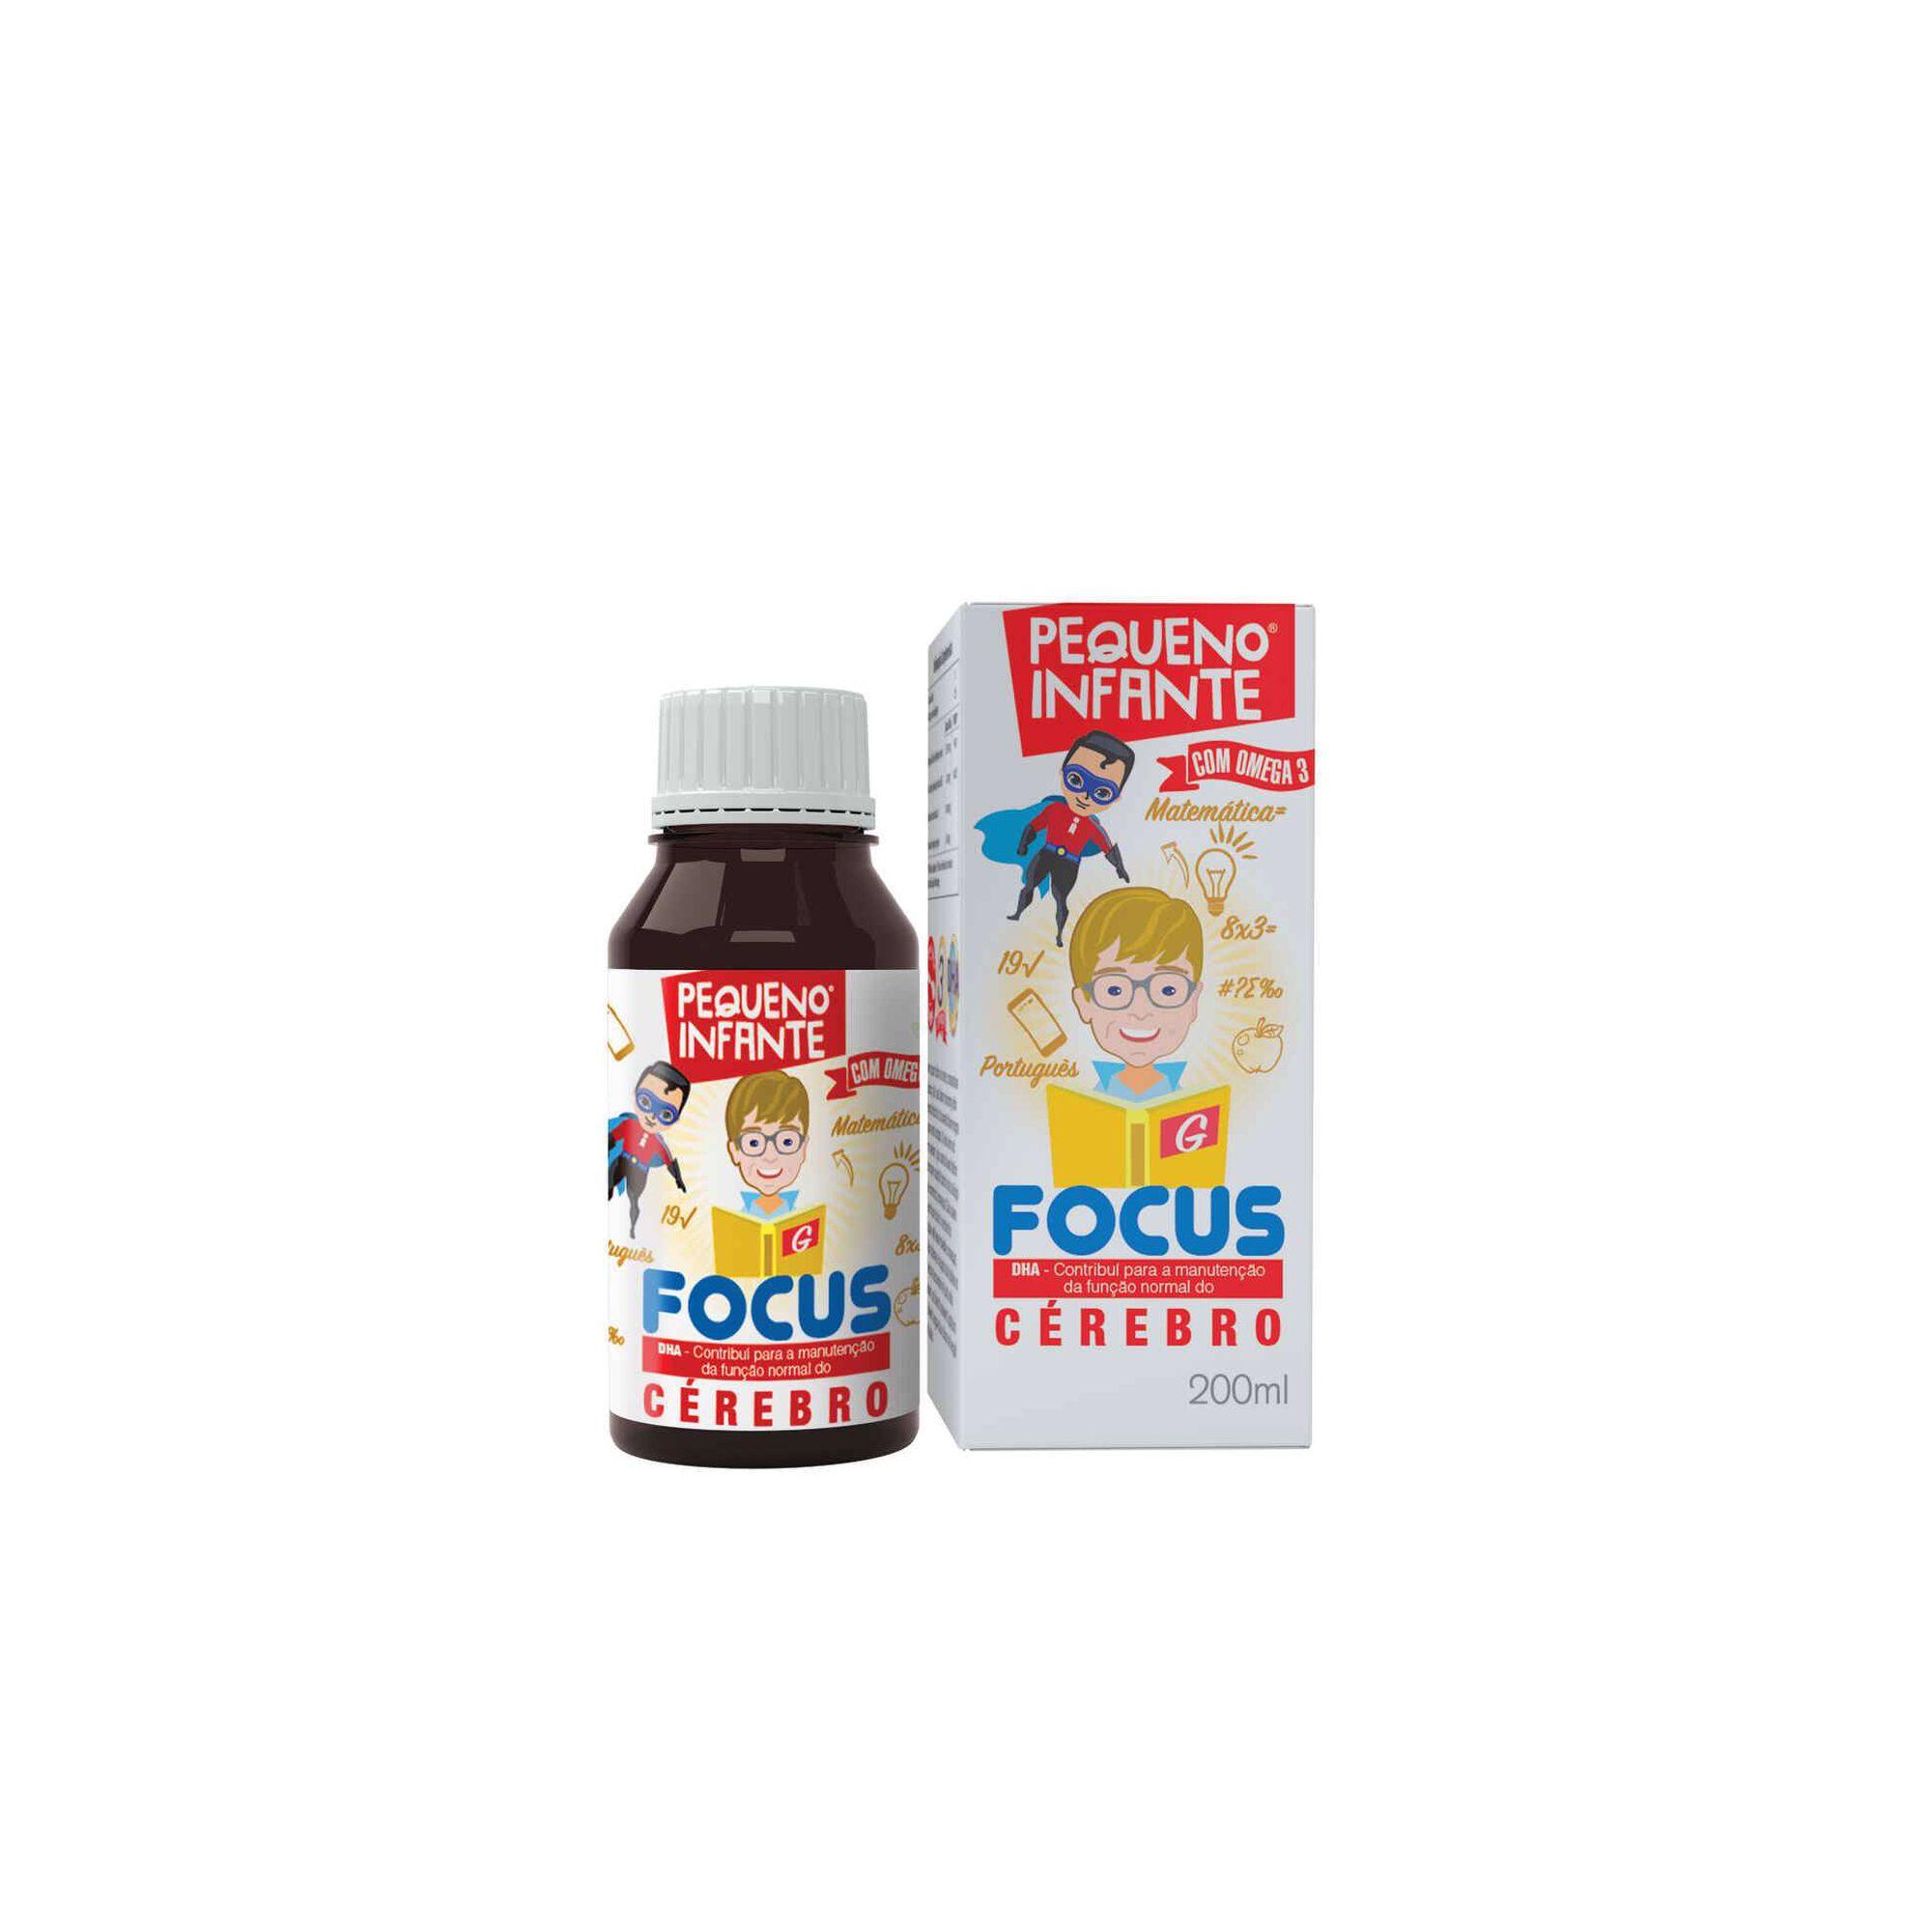 Focus Cérebro